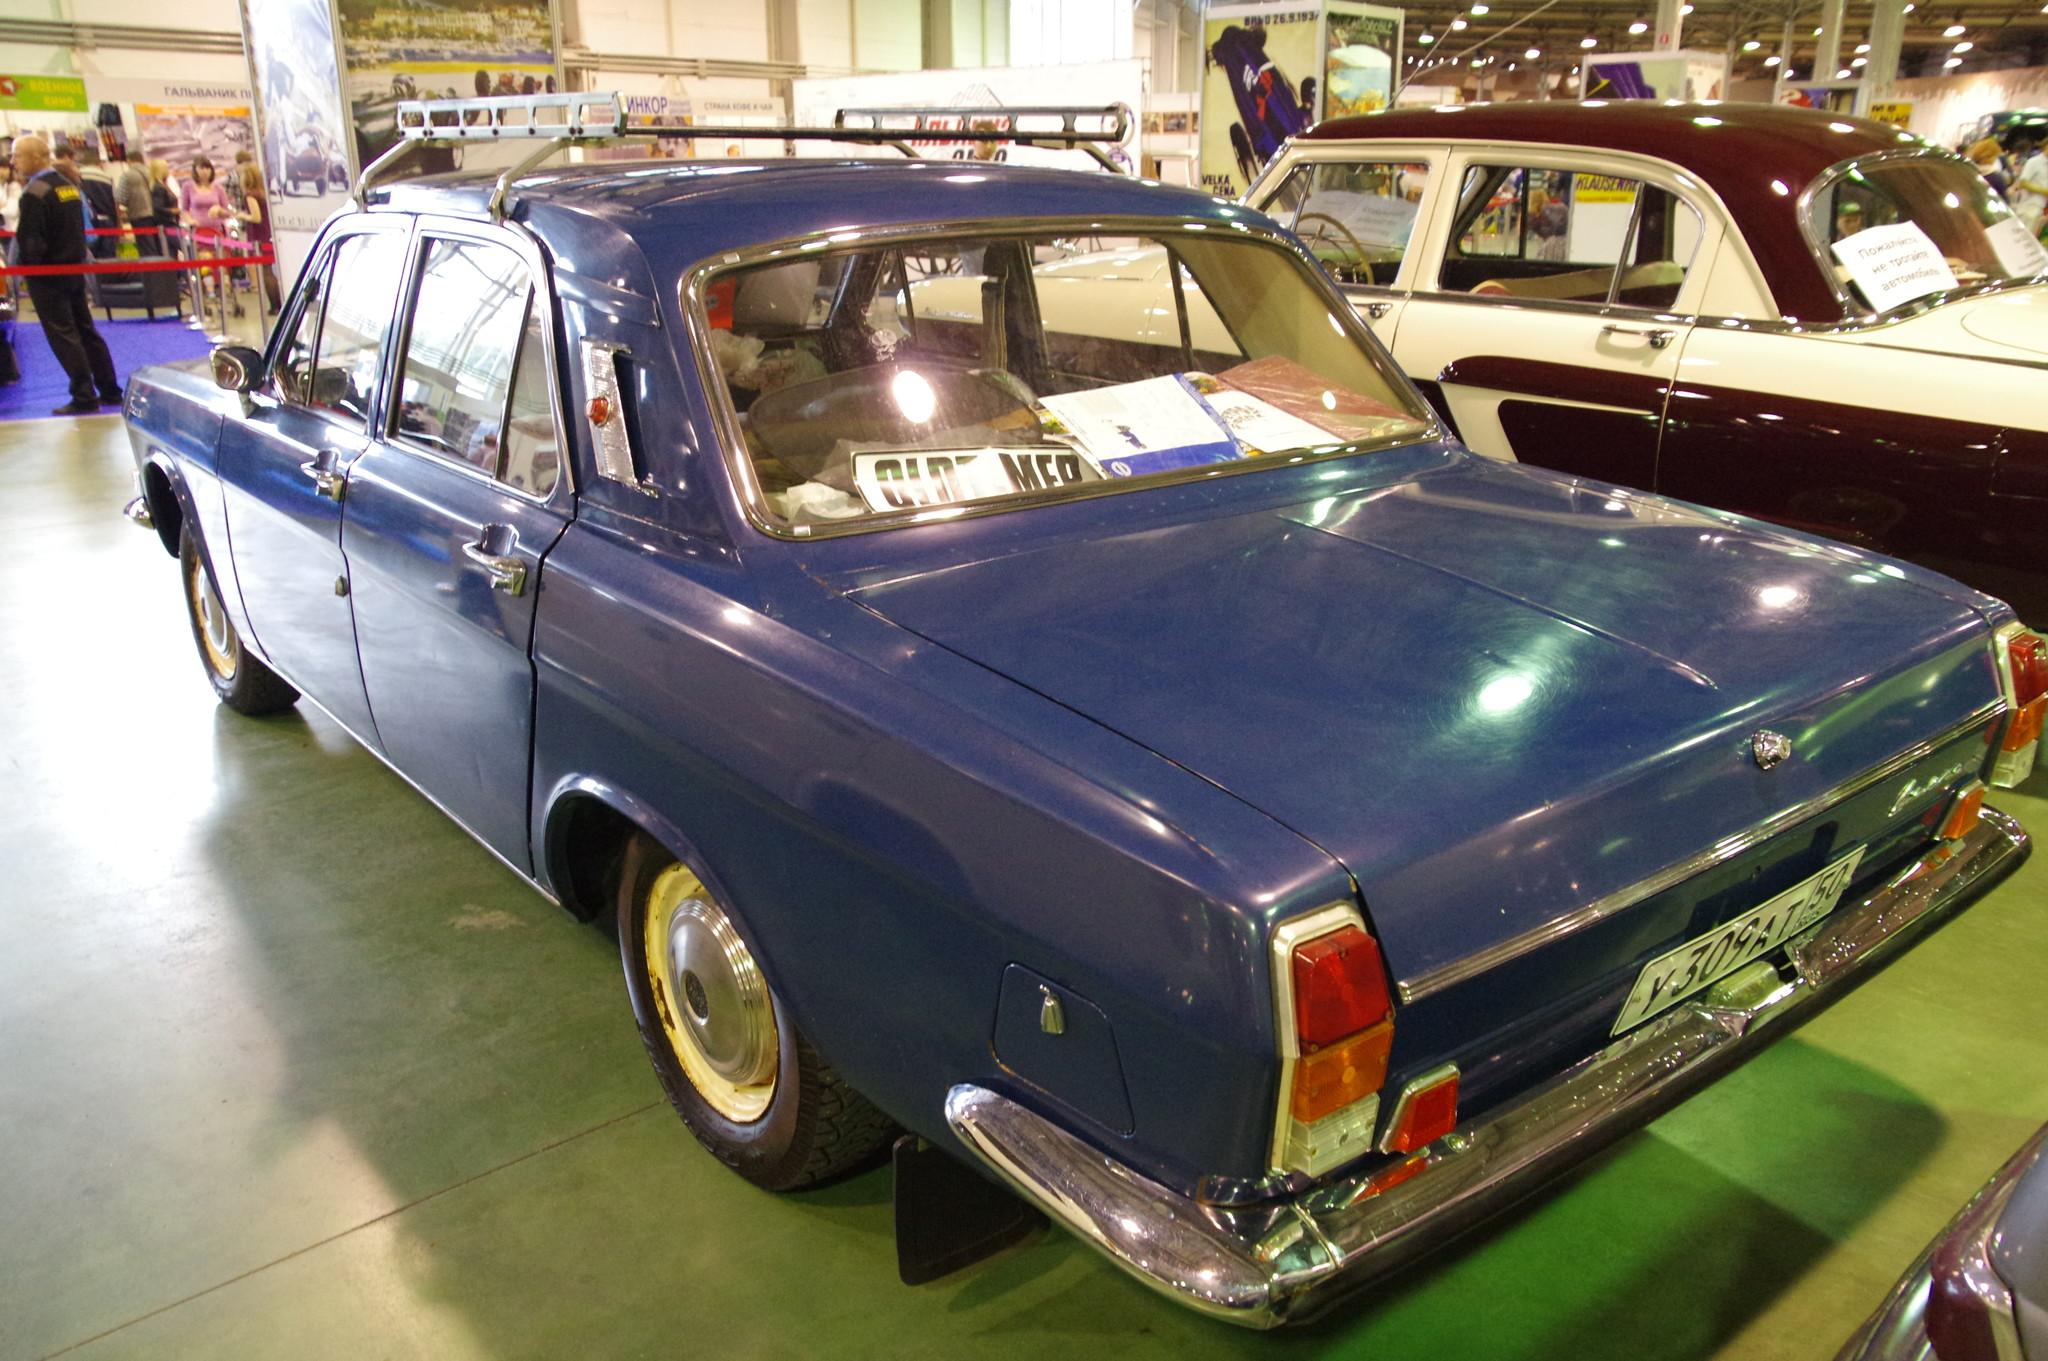 Автомобиль ГАЗ-24 «Волга» 1975 года выпуска